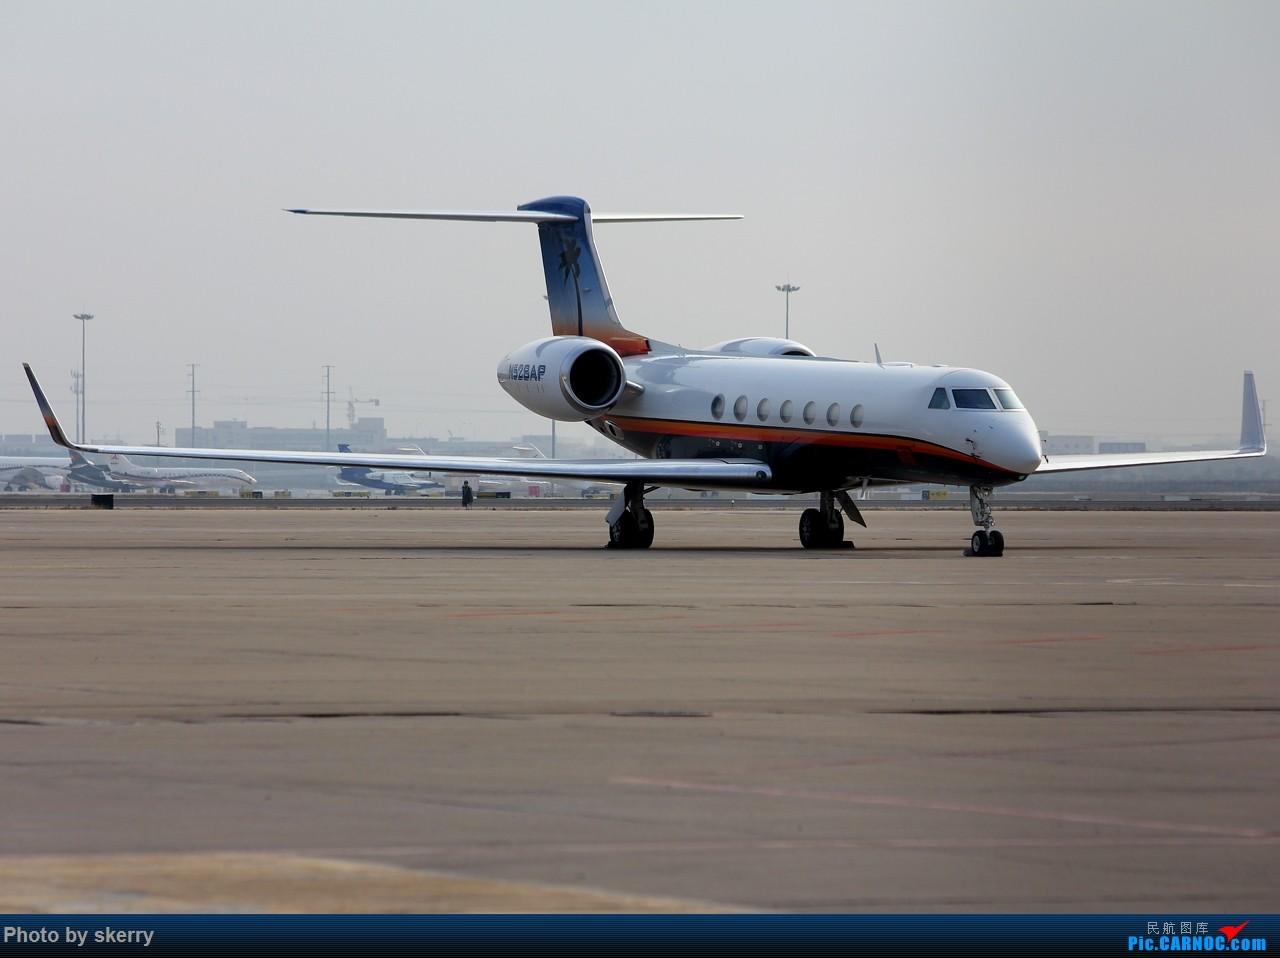 Re:[原创]***【TSN飞友会】近期来天津的公务机之湾流*** GULFSTREAM V N528AP 中国天津滨海国际机场